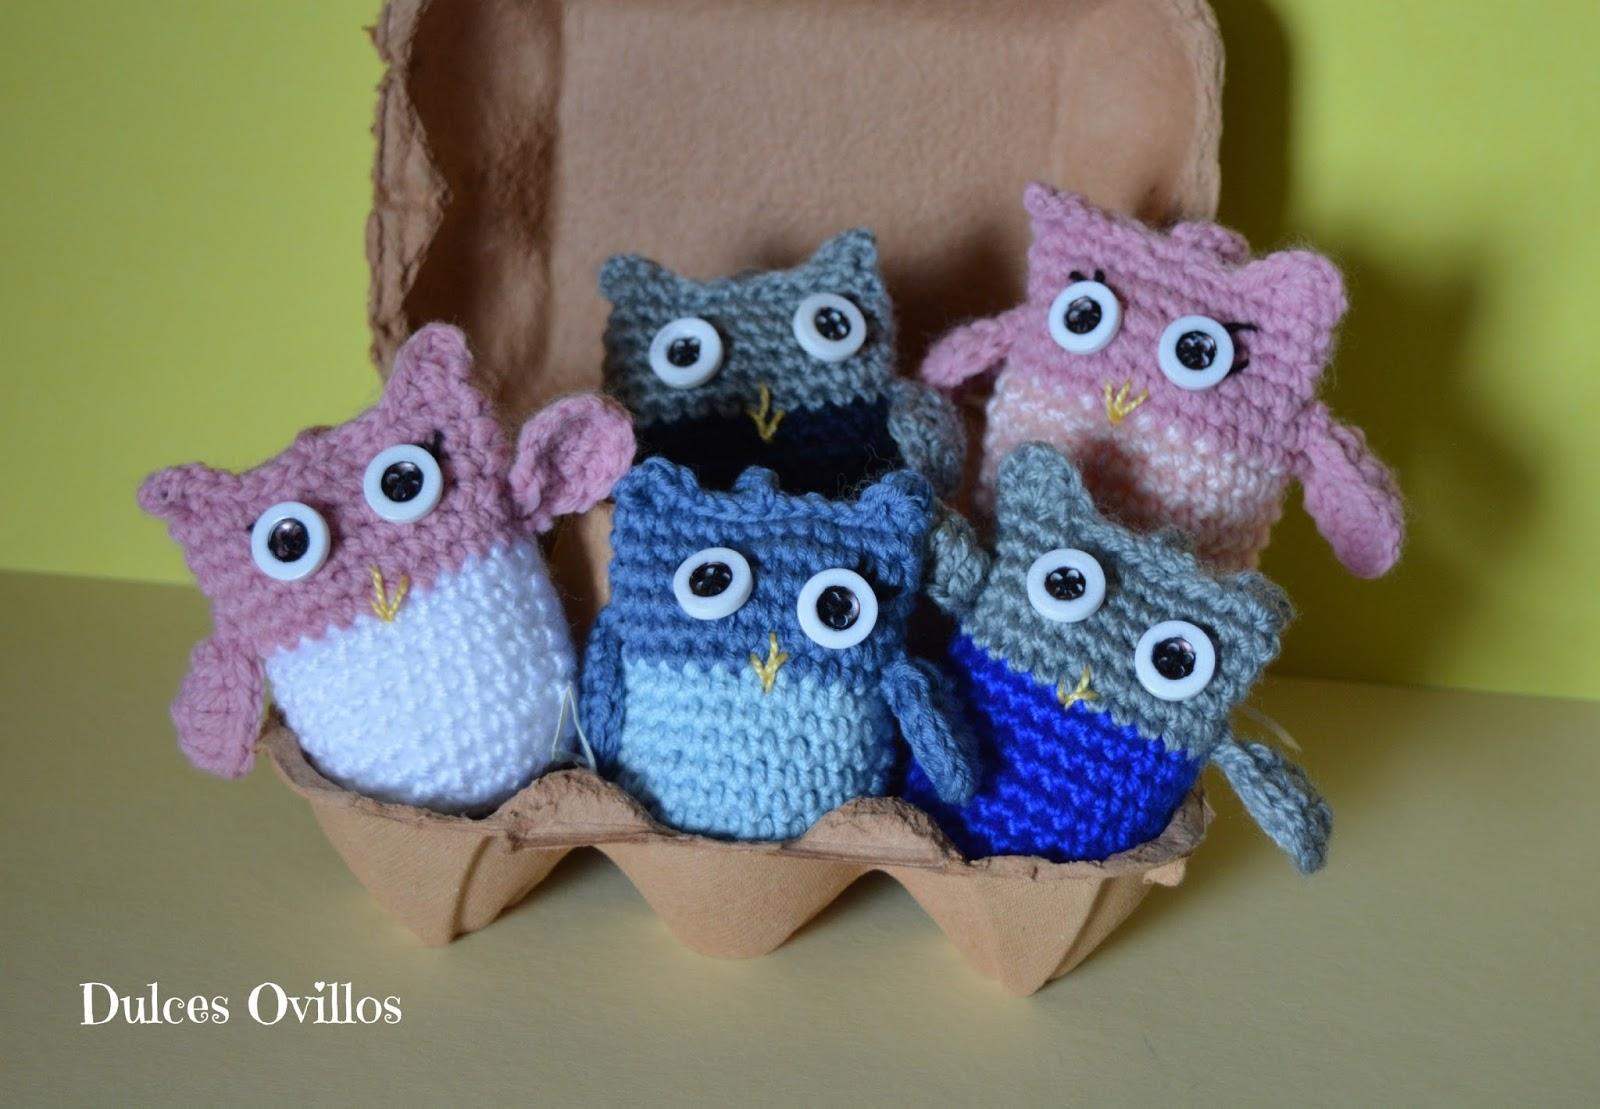 Búhos a crochet - Crochet owls - Handbox Craft Lovers | Comunidad ...